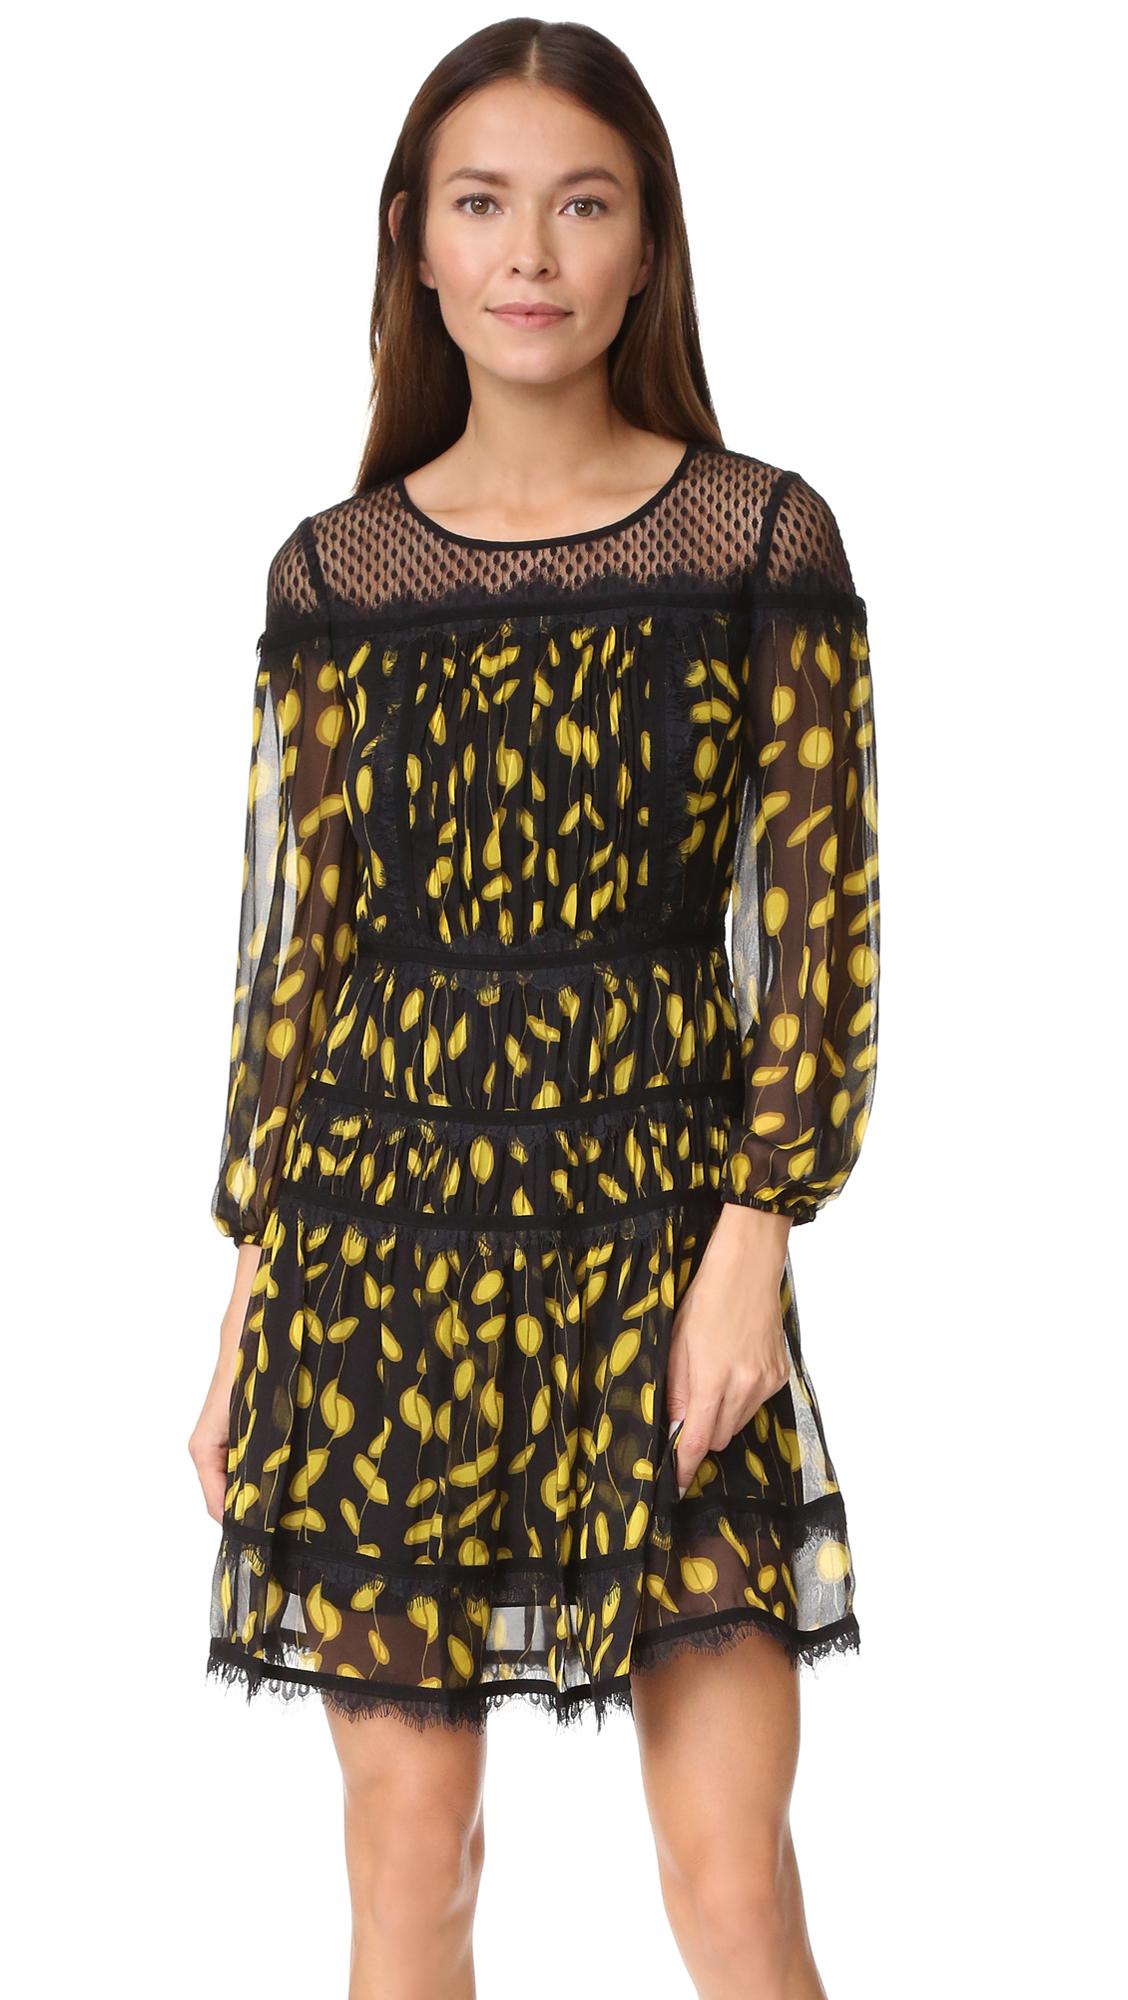 diane von furstenberg female diane von furstenberg jamie dress glissade citronelleblack